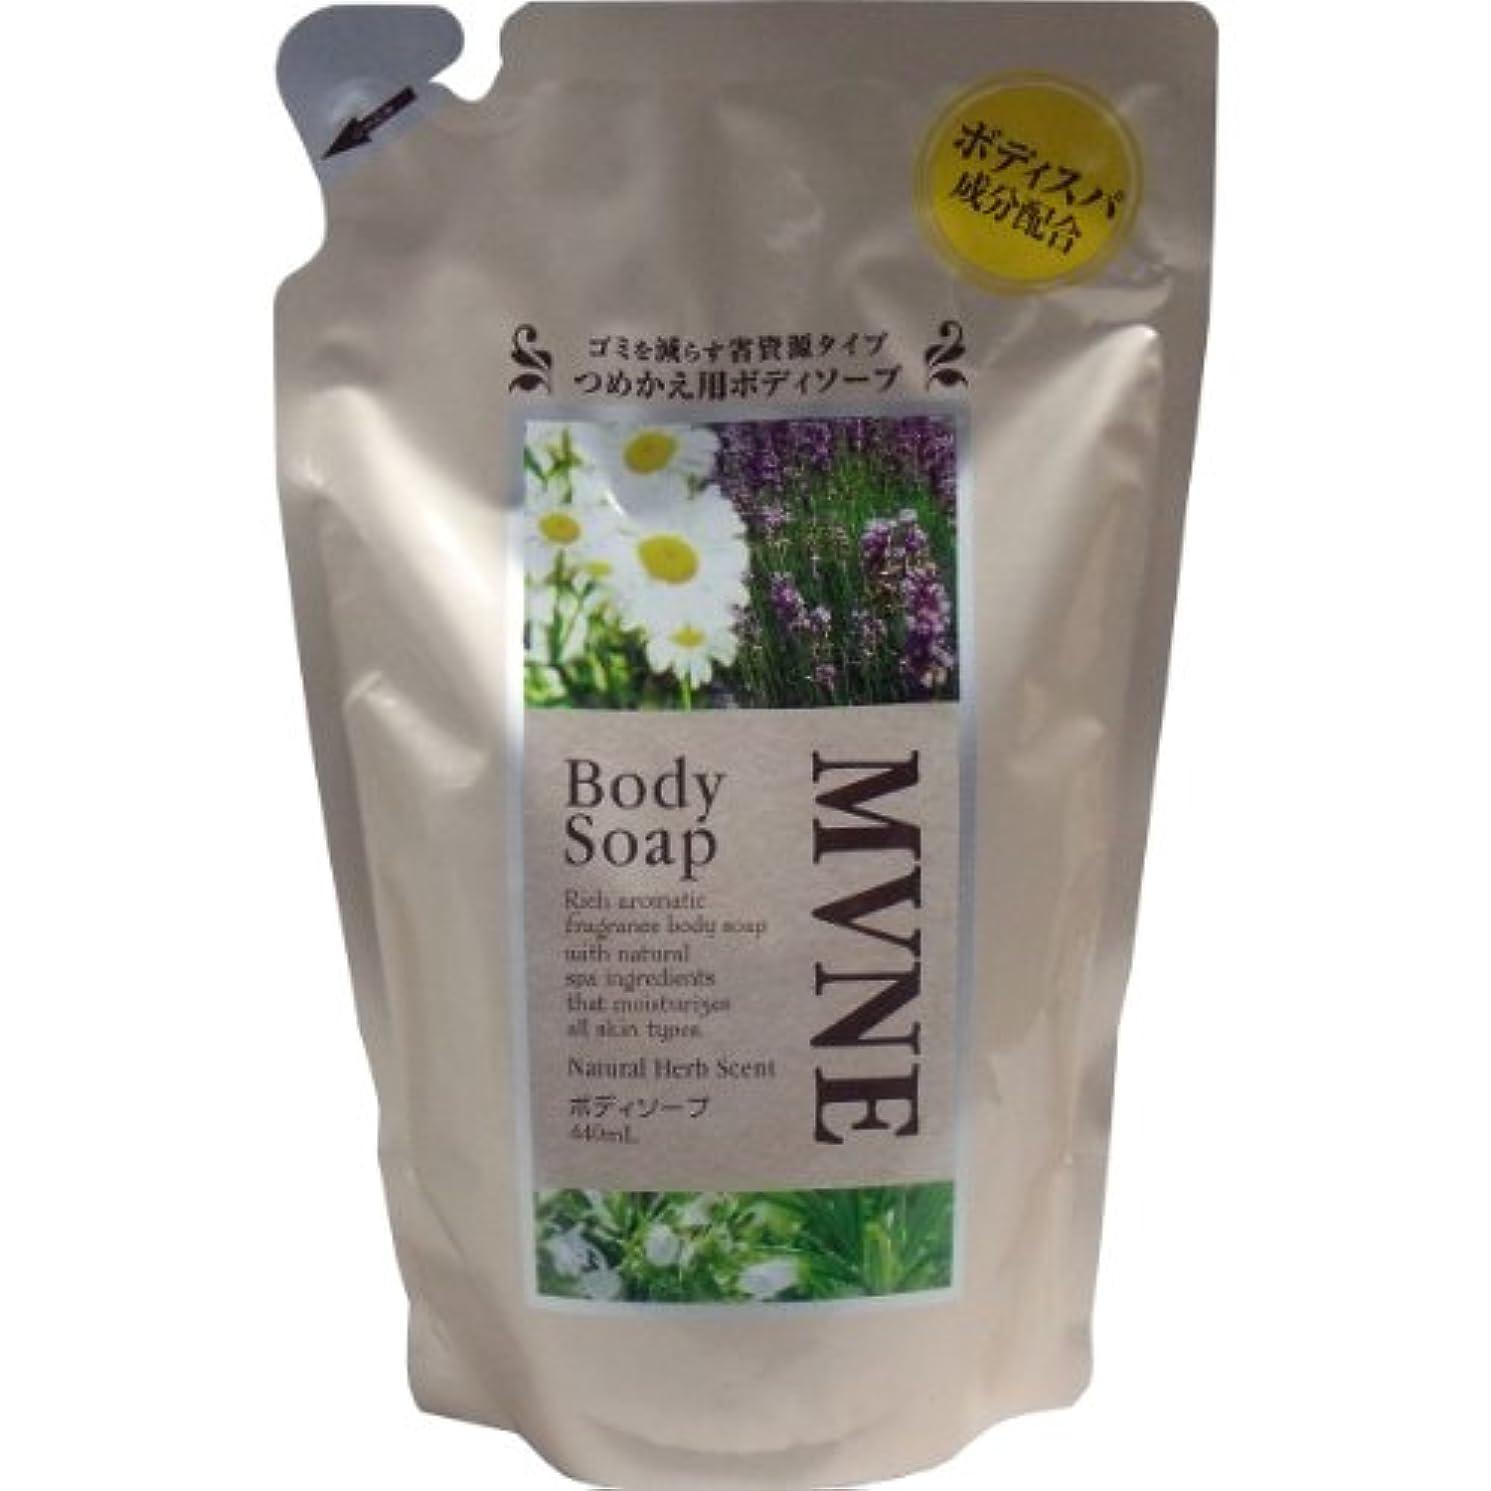 フルート汗感謝するMVNE(ミューネ) ボディソープ ナチュラルハーブの香り つめかえ用 440mL